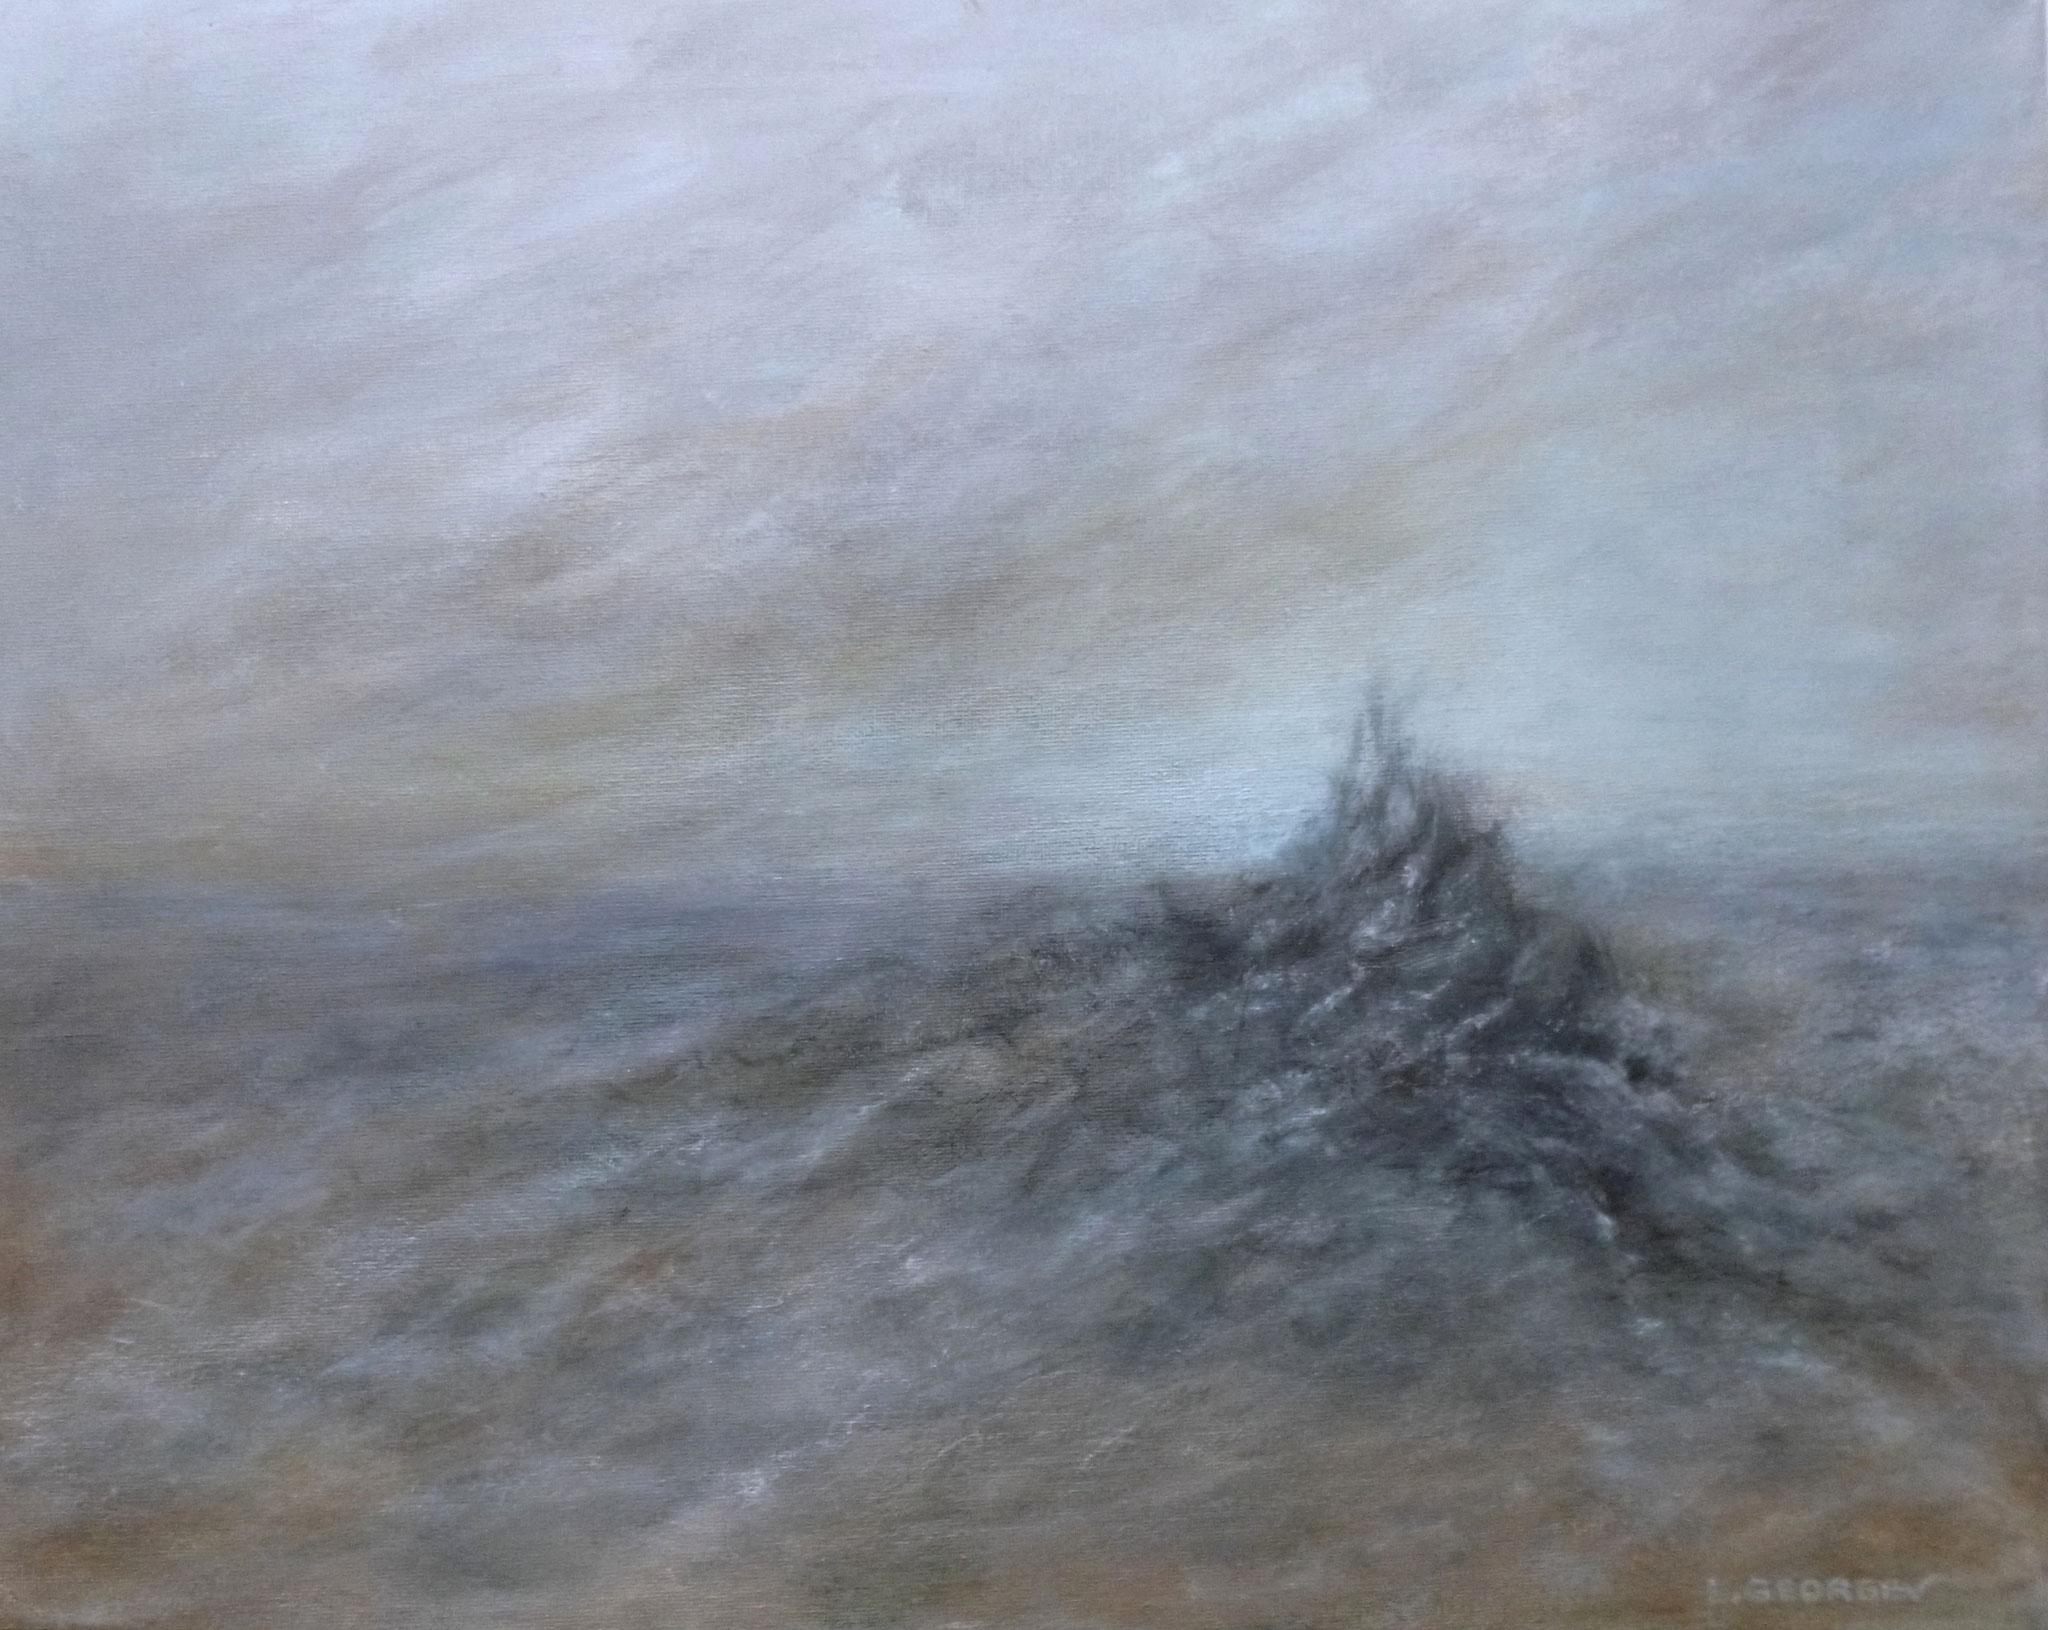 RESSAC, acrylique sur toile, 40x50 cm